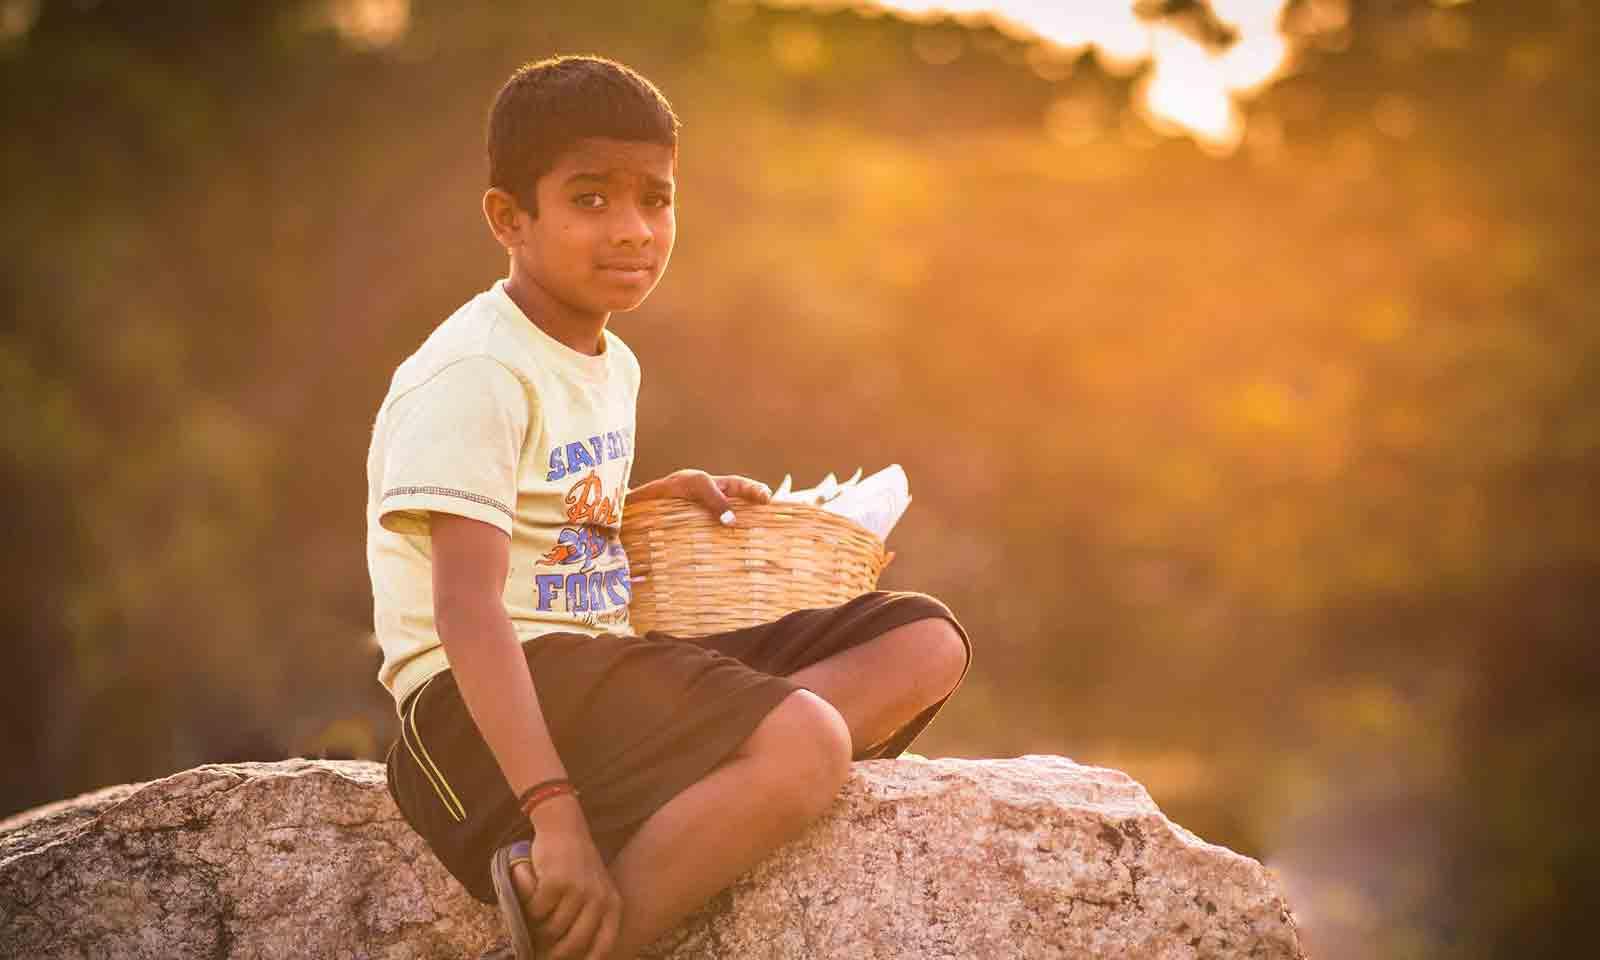 Kanishtha Kishore Sahu's odia story for children Eia Bodhe Bhagabaan